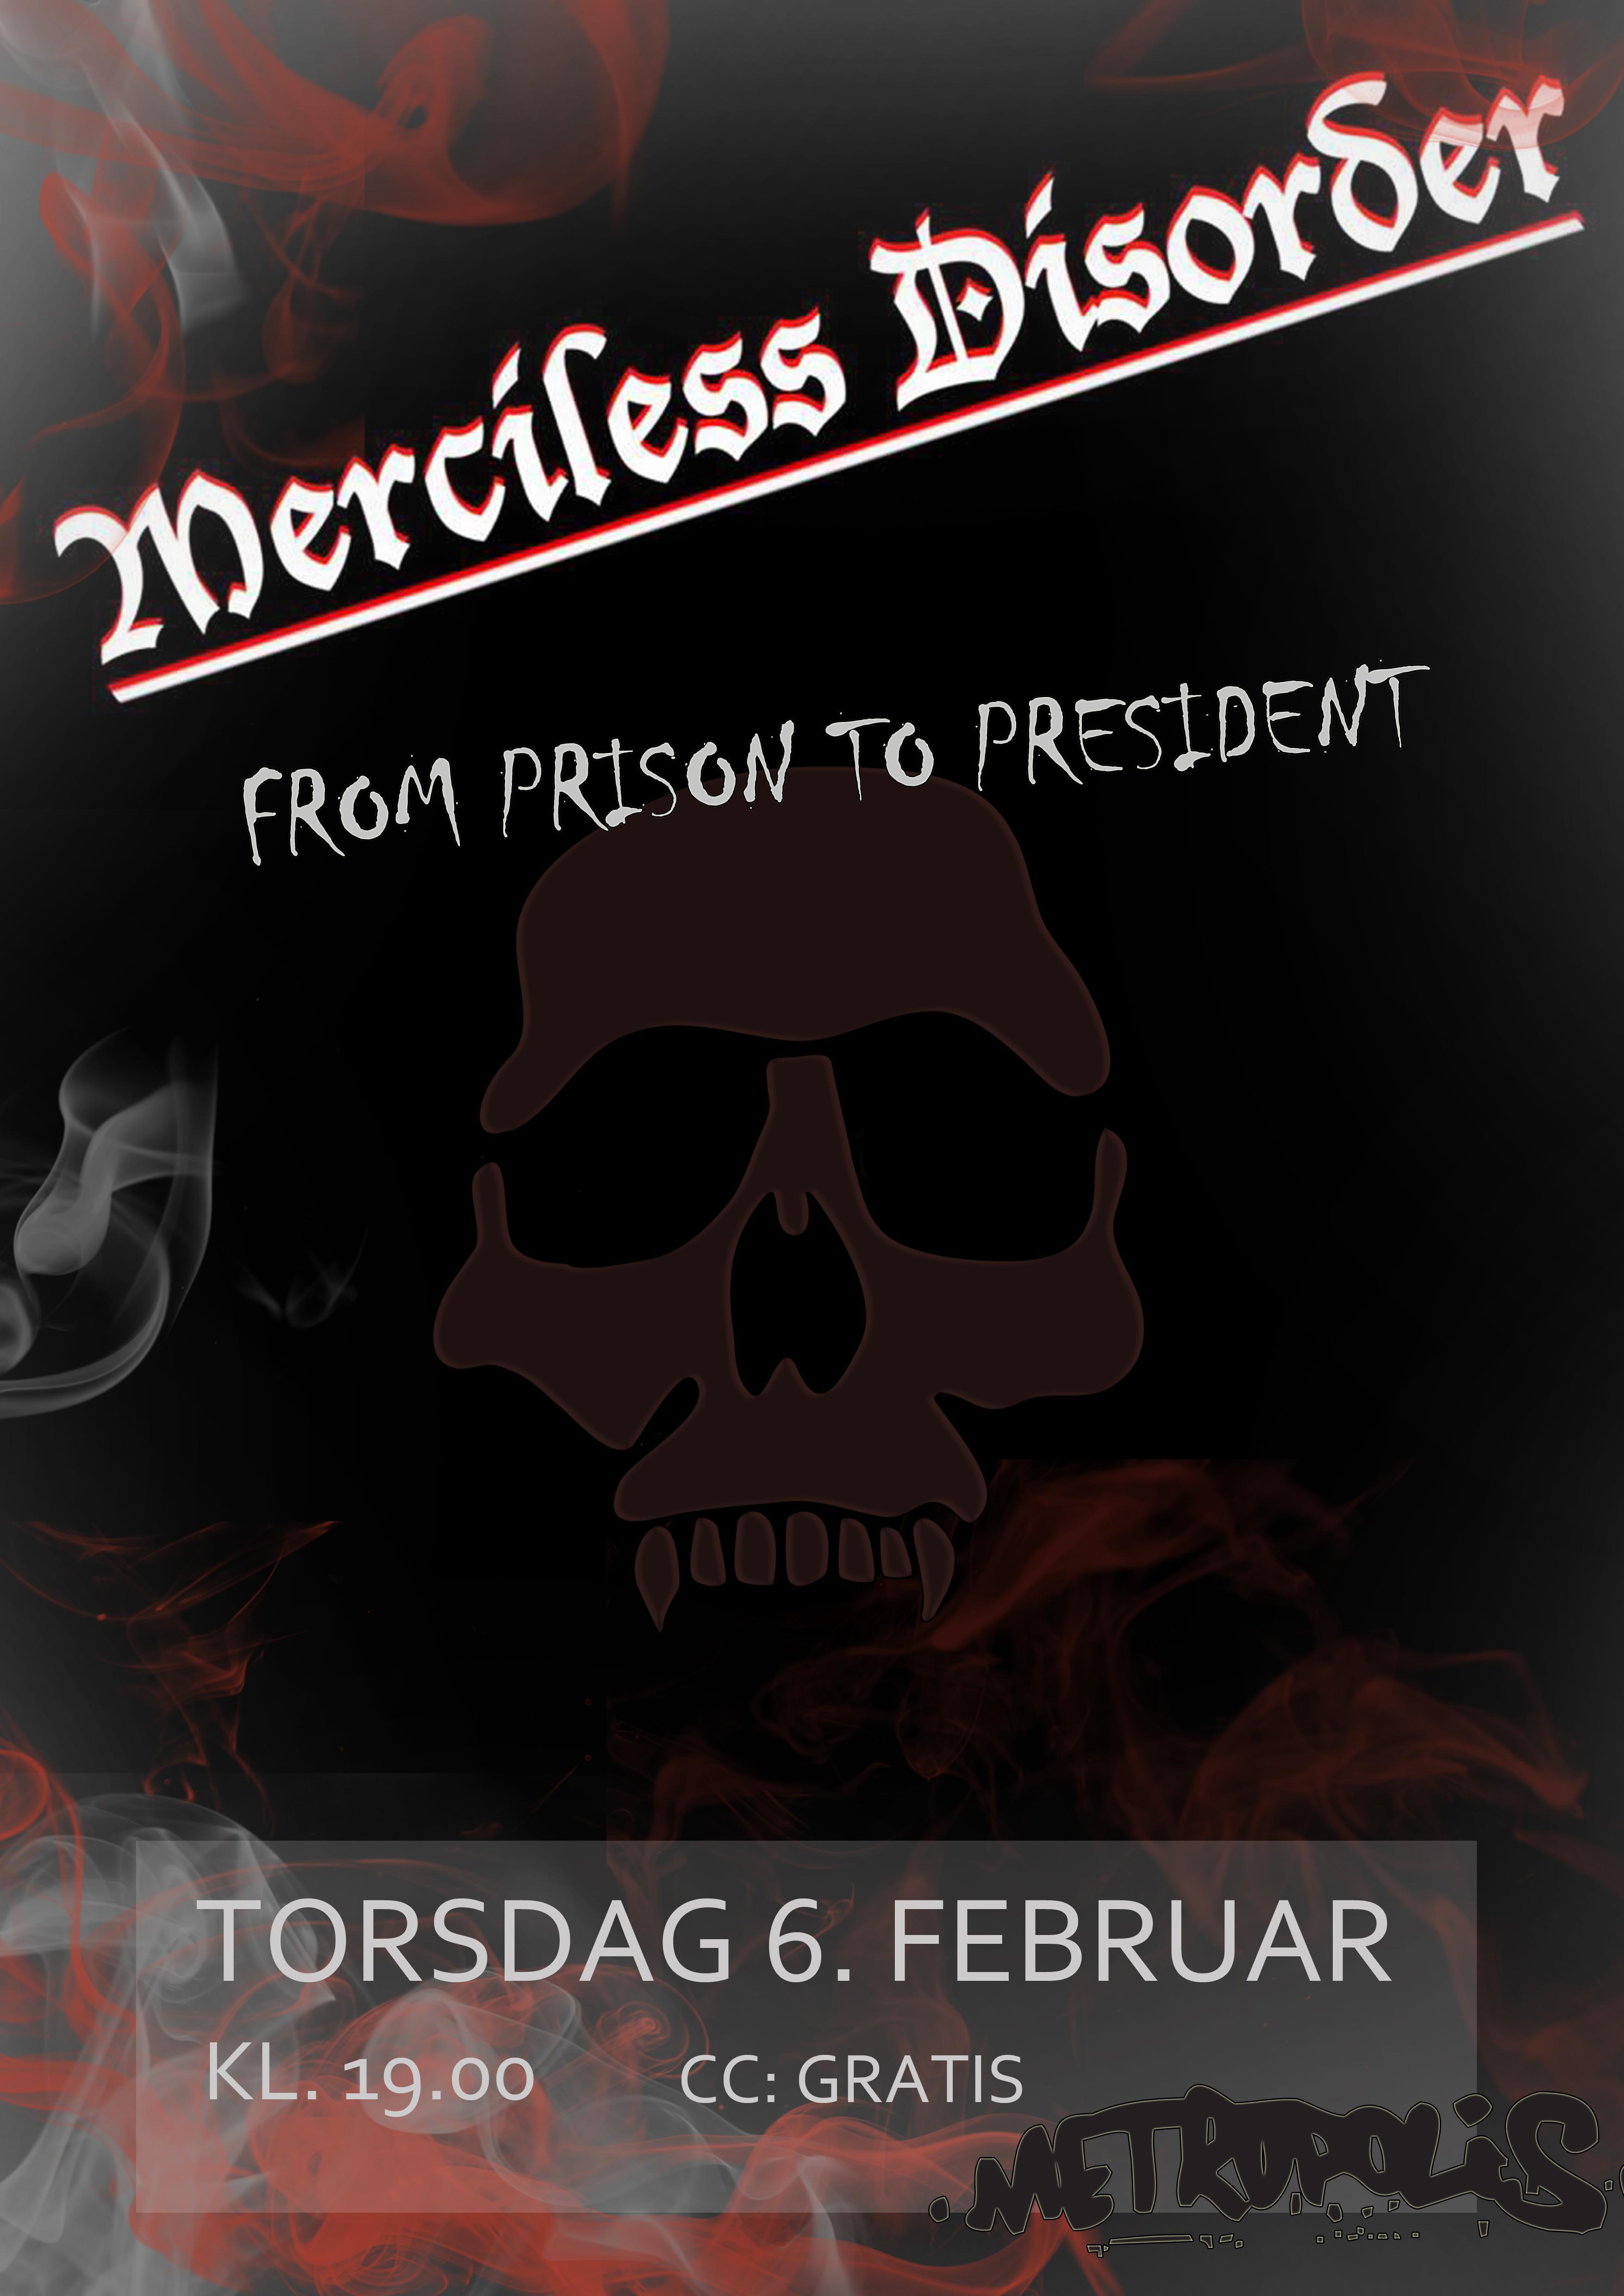 Konsert torsdag 6. februar med Merciless Disorder og From Prison to President, konsertstart kl. 19.00, GRATIS